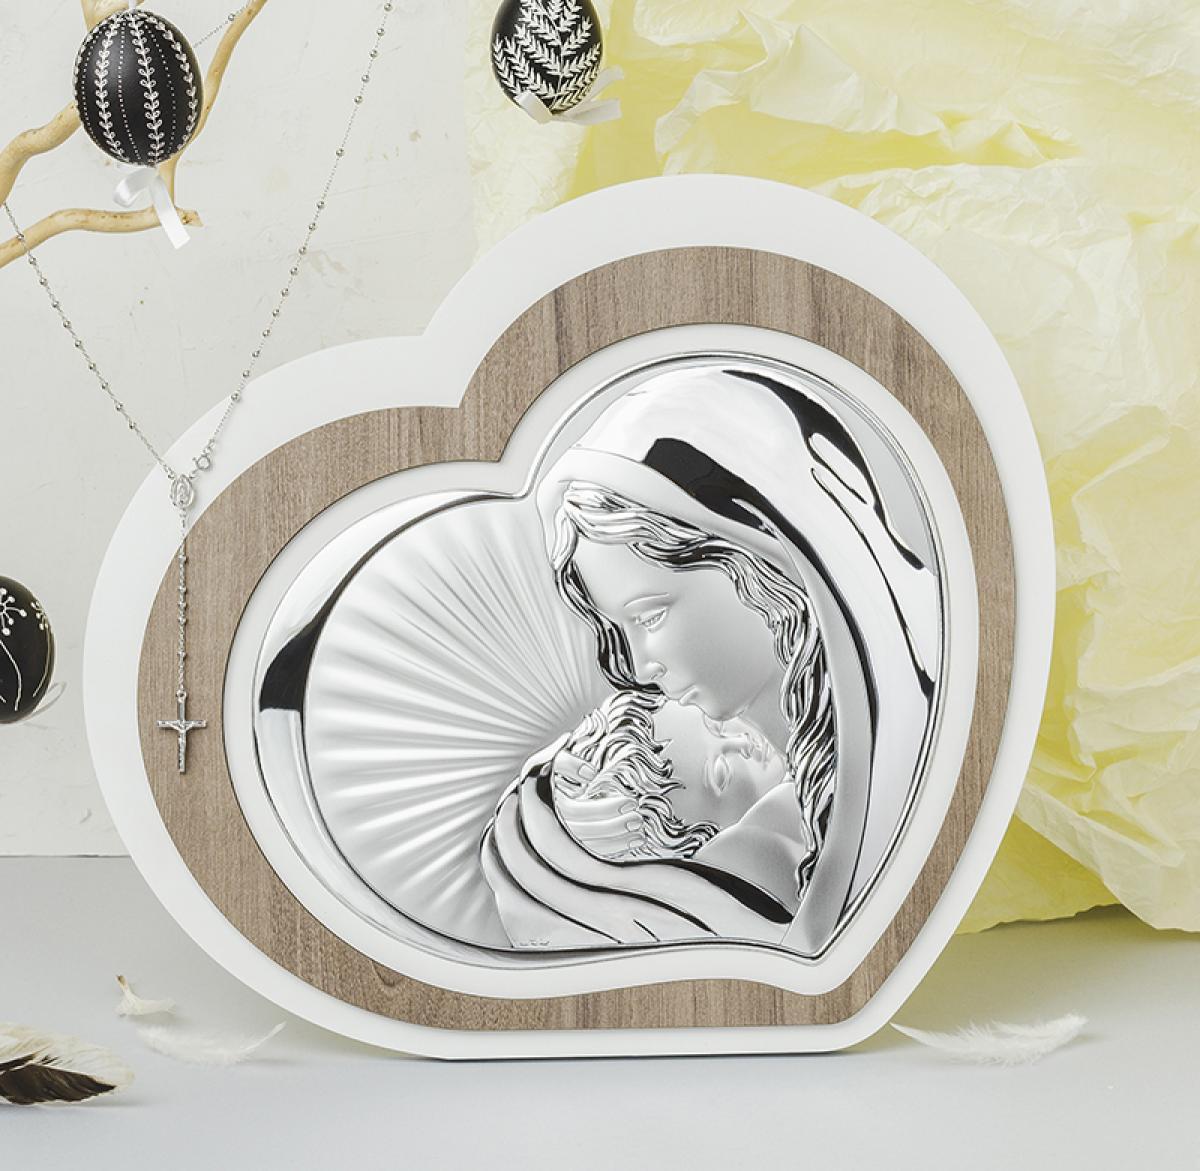 Ікона срібна ``Богородиця з Немовлям`` (20.5х18см) L221 3